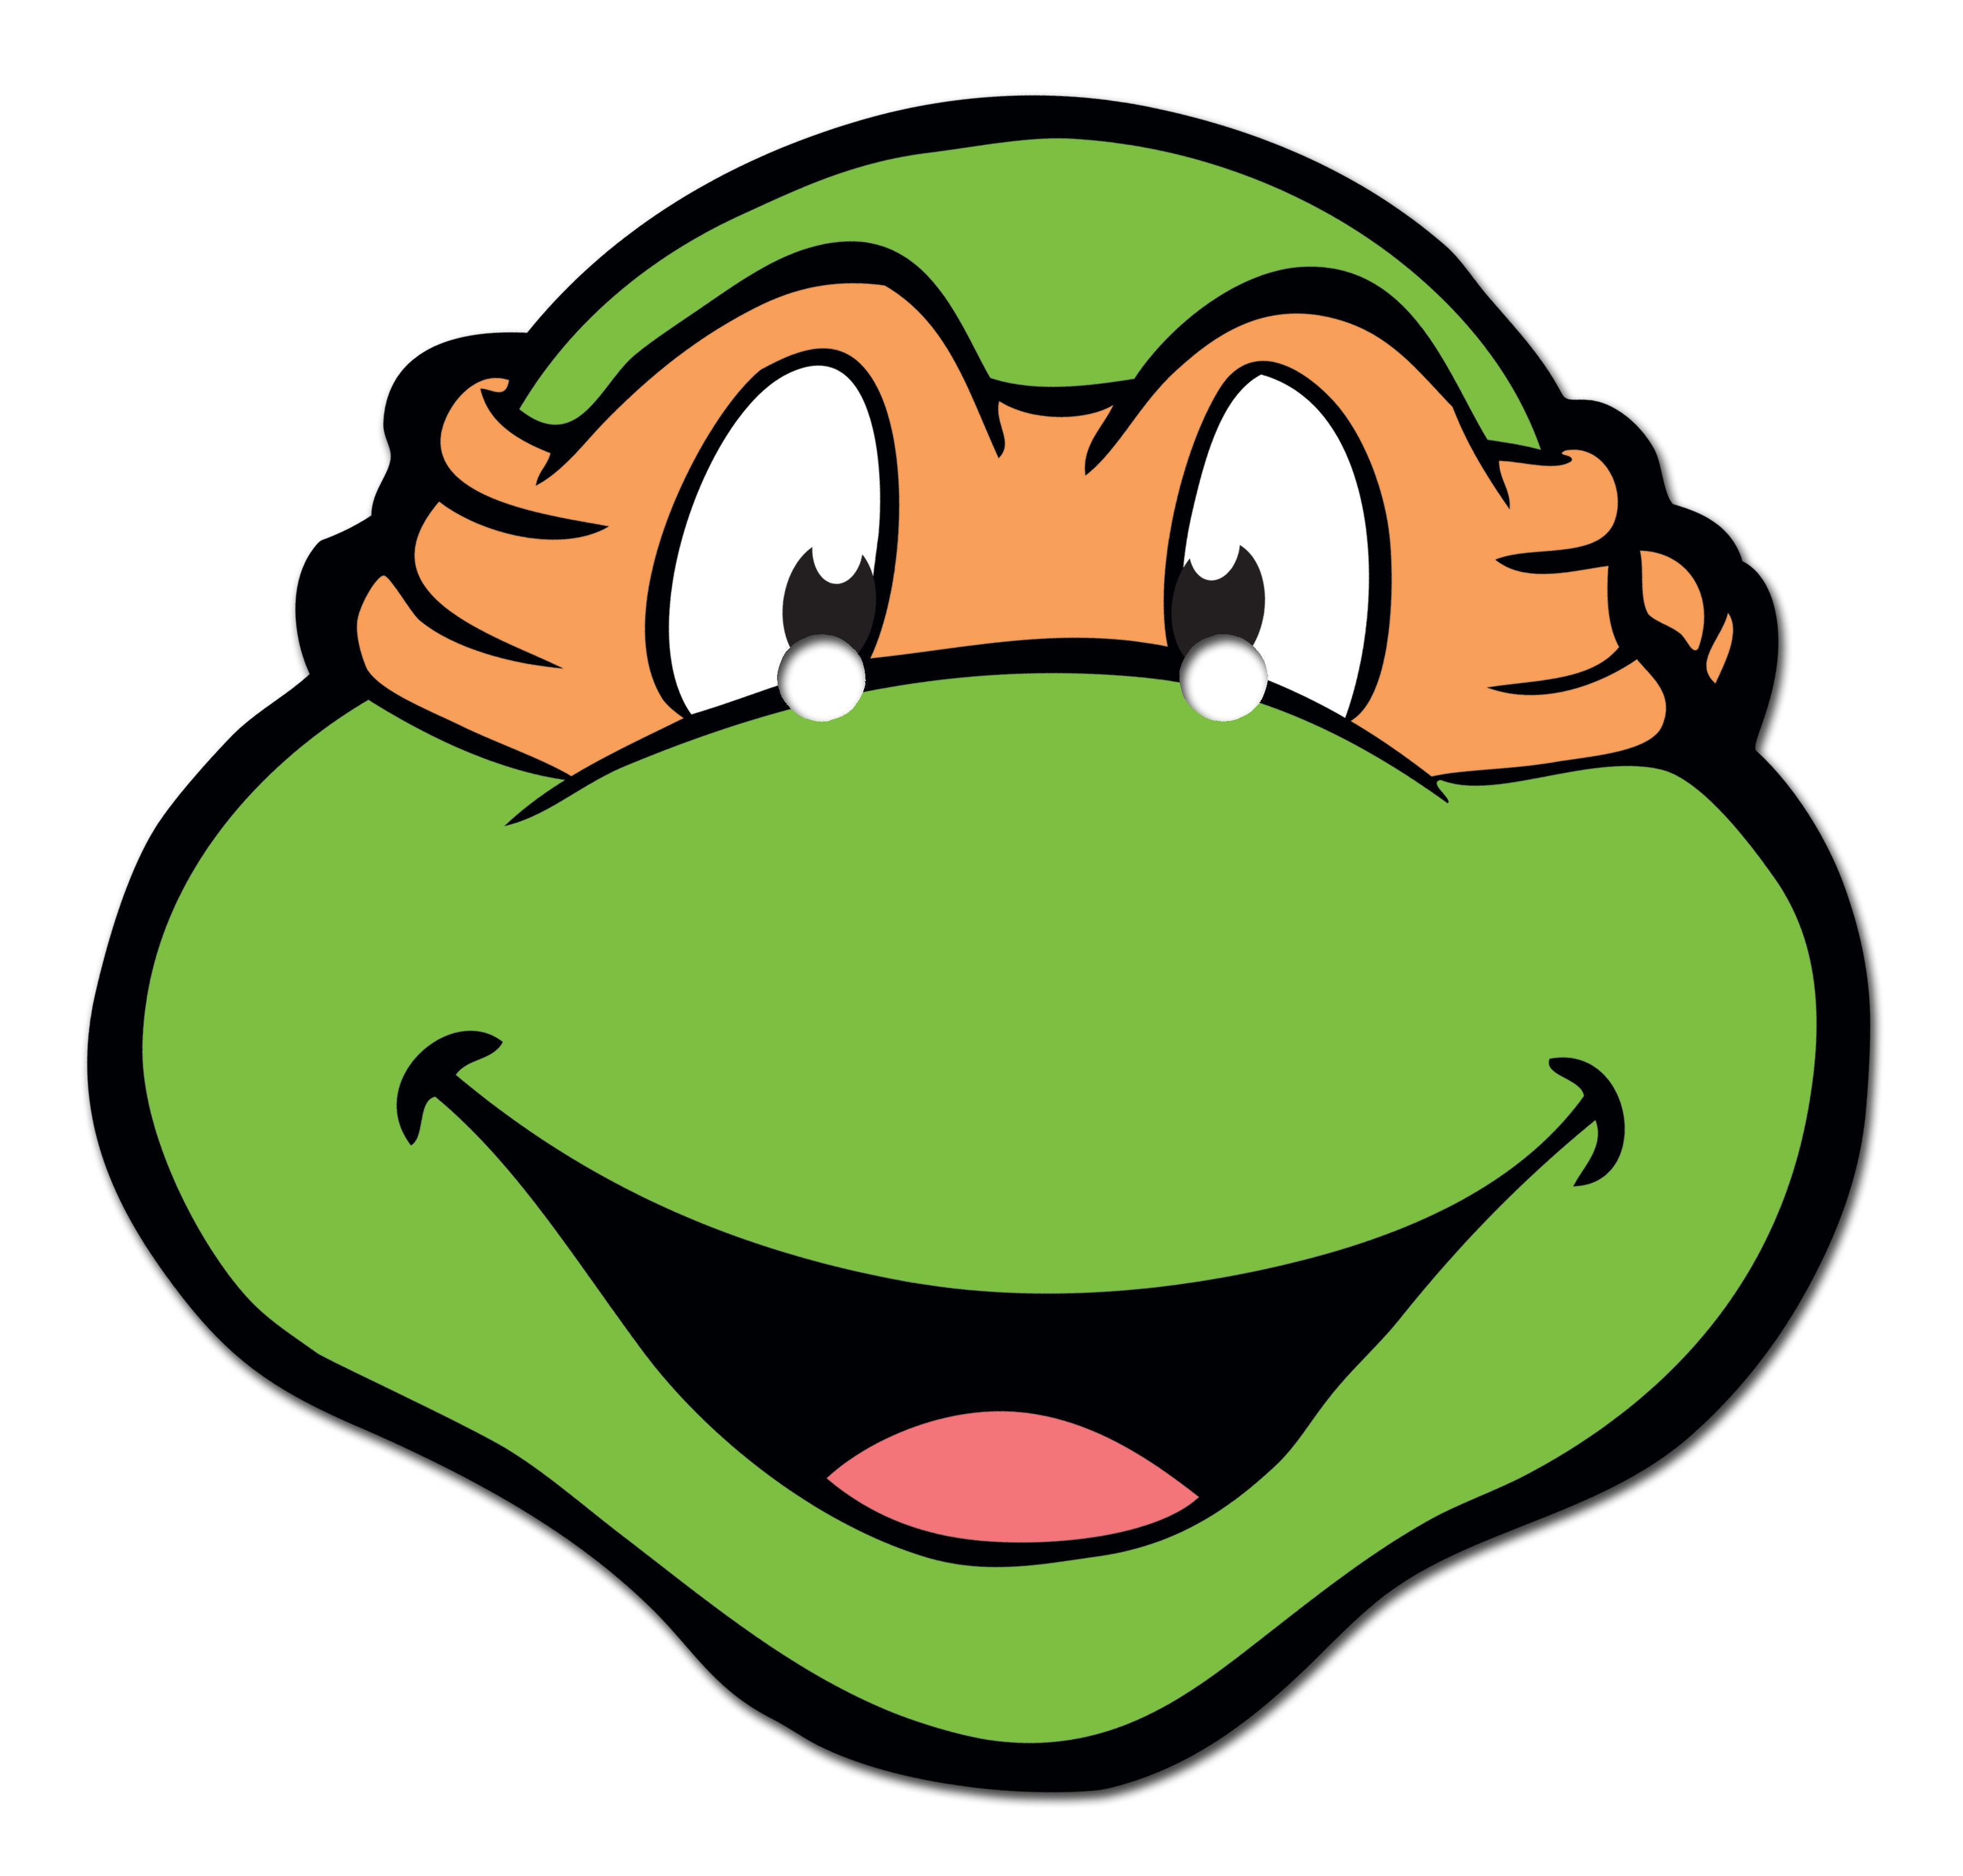 Teenage Mutant Ninja Turtles Michelangel-Teenage Mutant Ninja Turtles Michelangelo Face-12